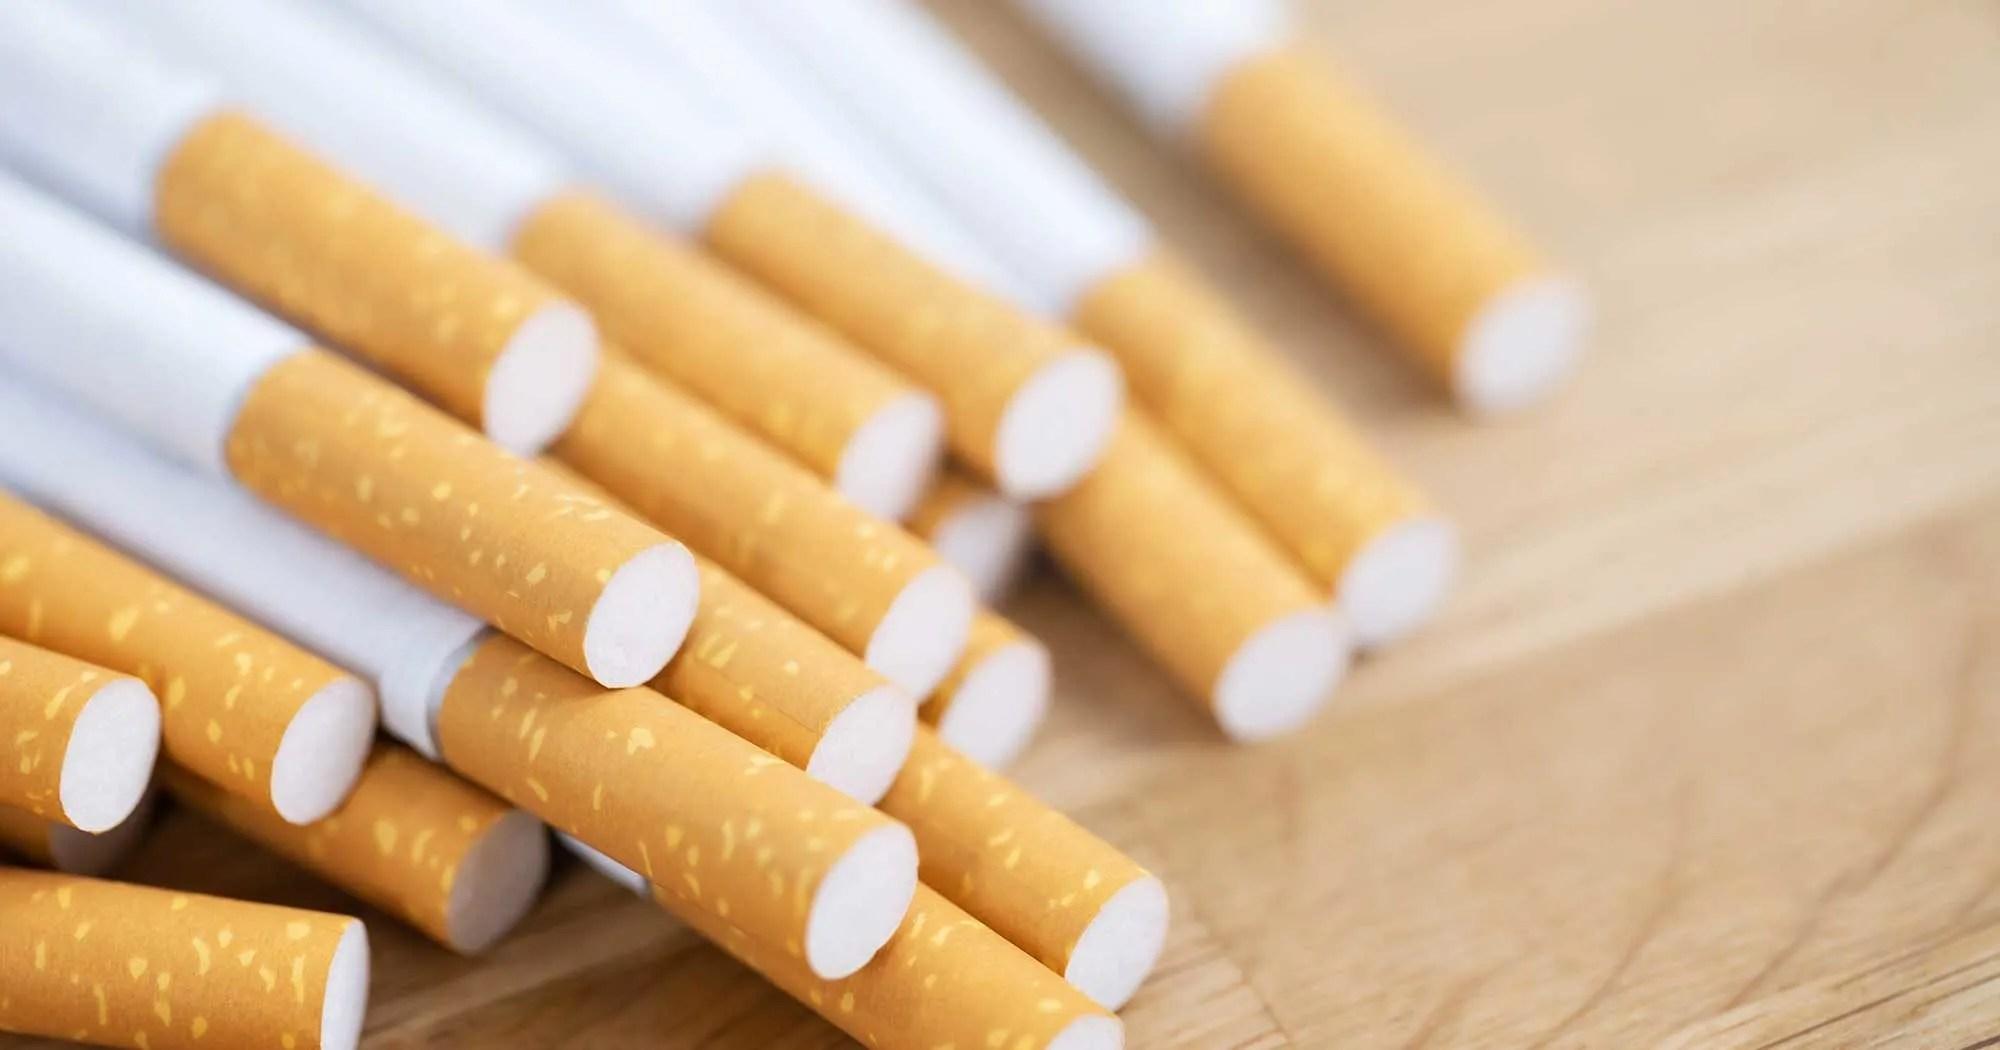 flavoured-cigarettes-e1596541737121